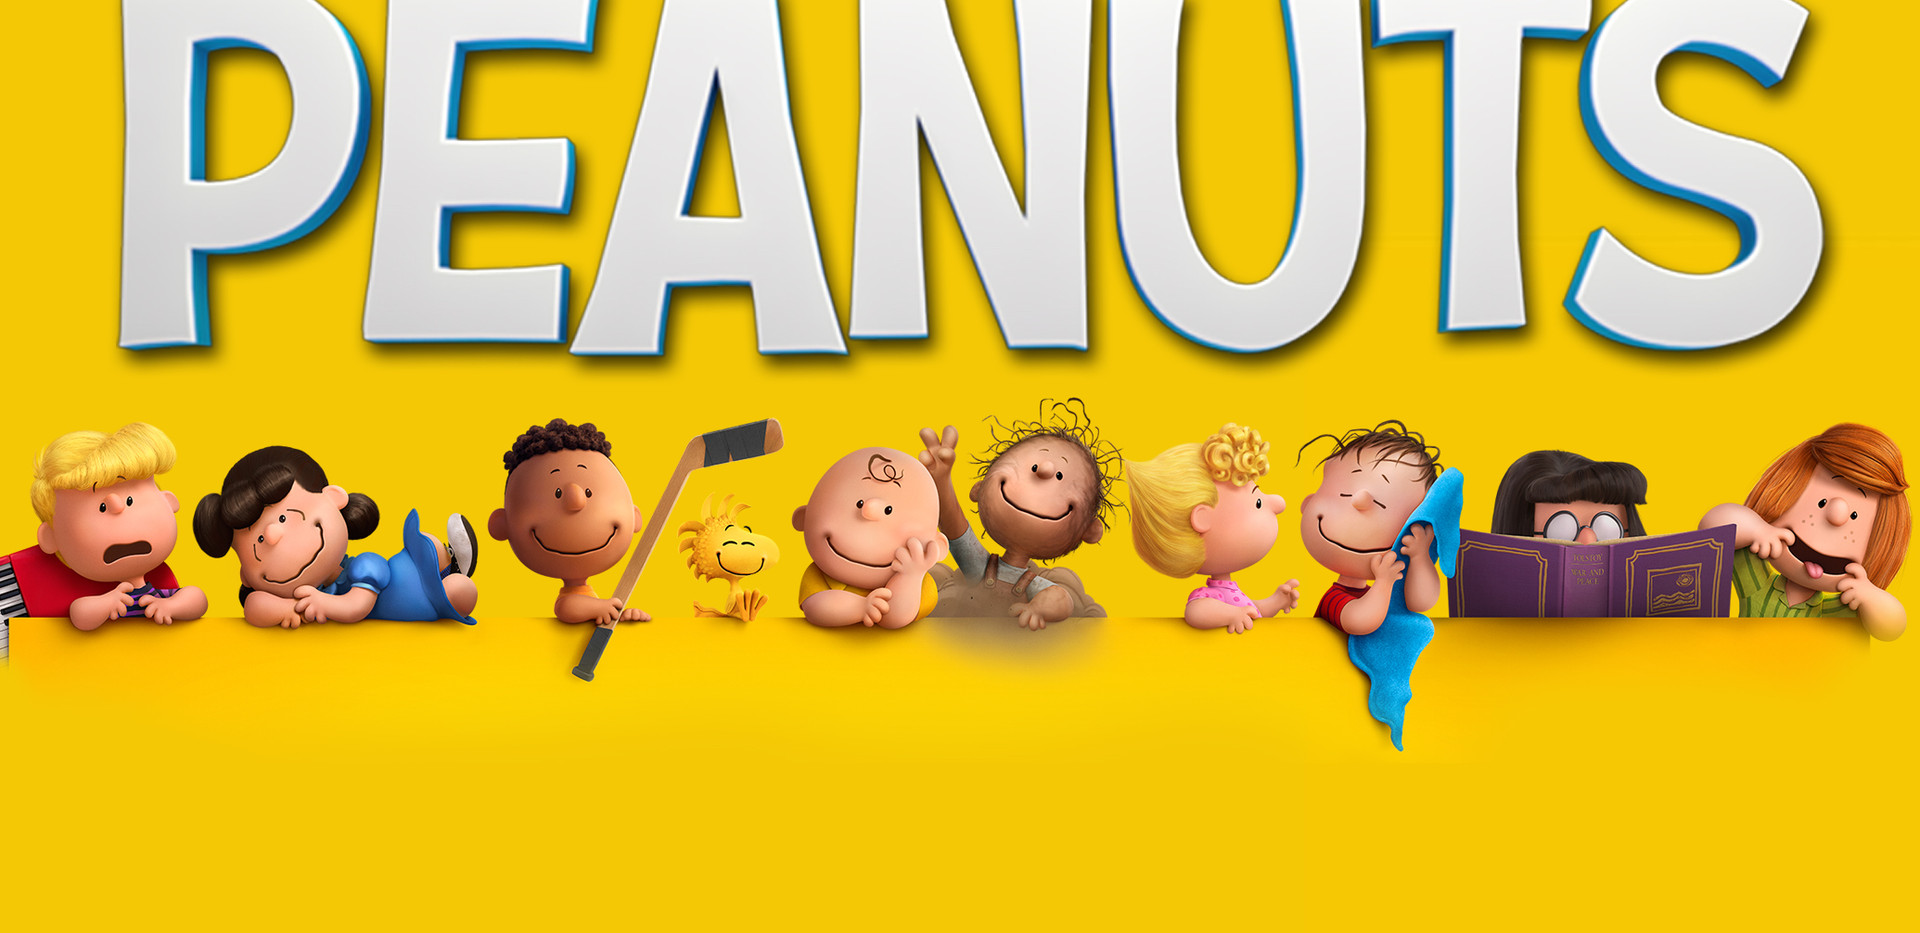 peanuts_ls-03.jpg